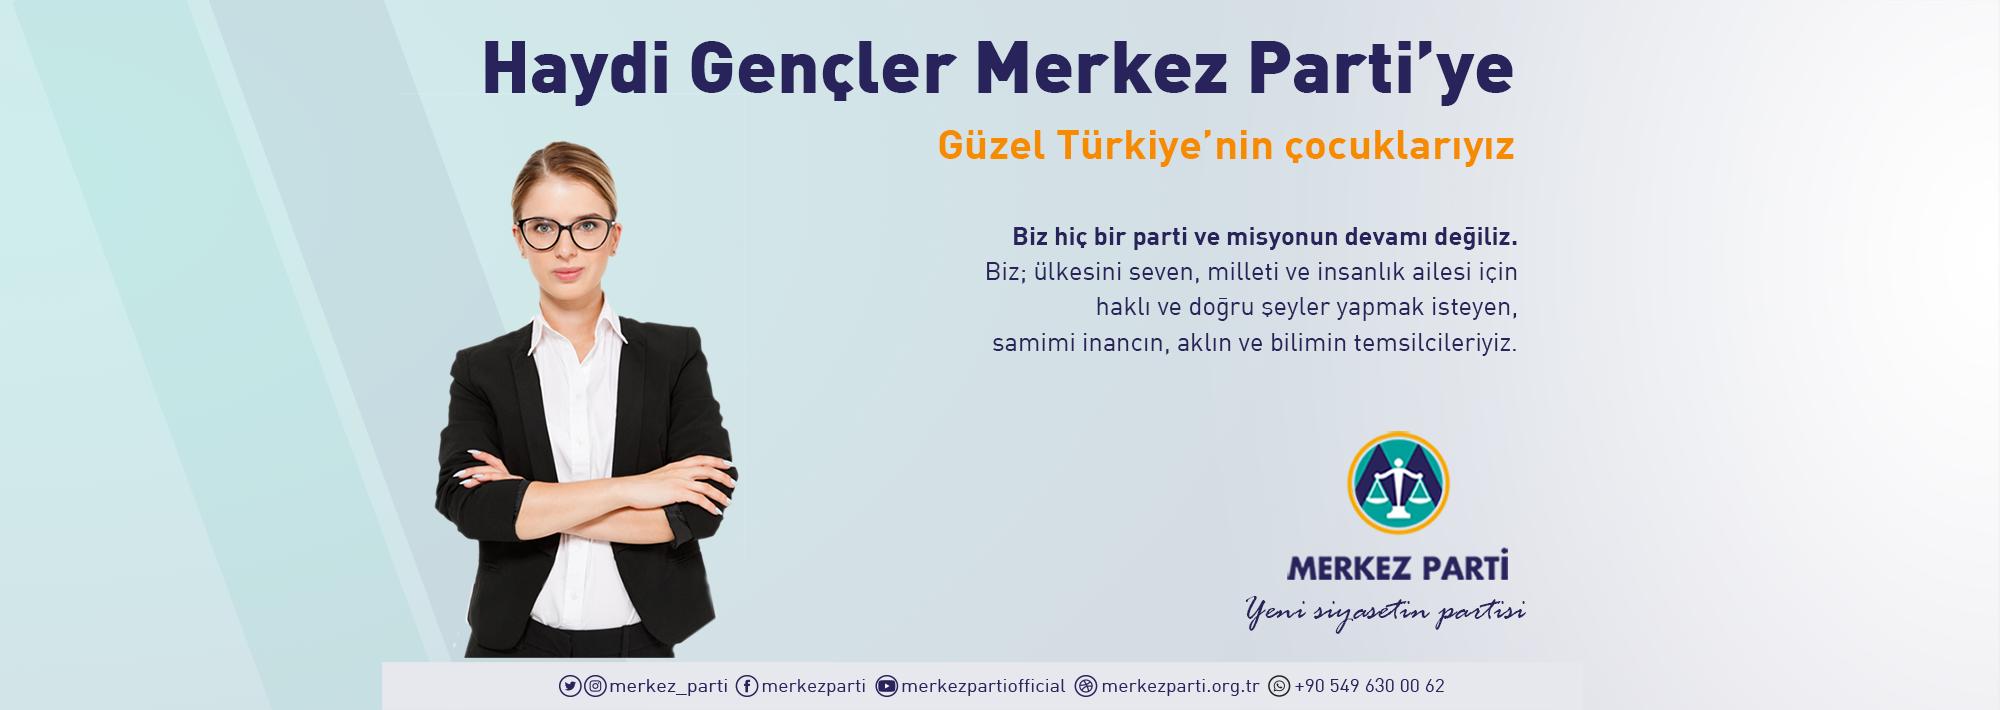 merkez-parti-slider-3-gencler